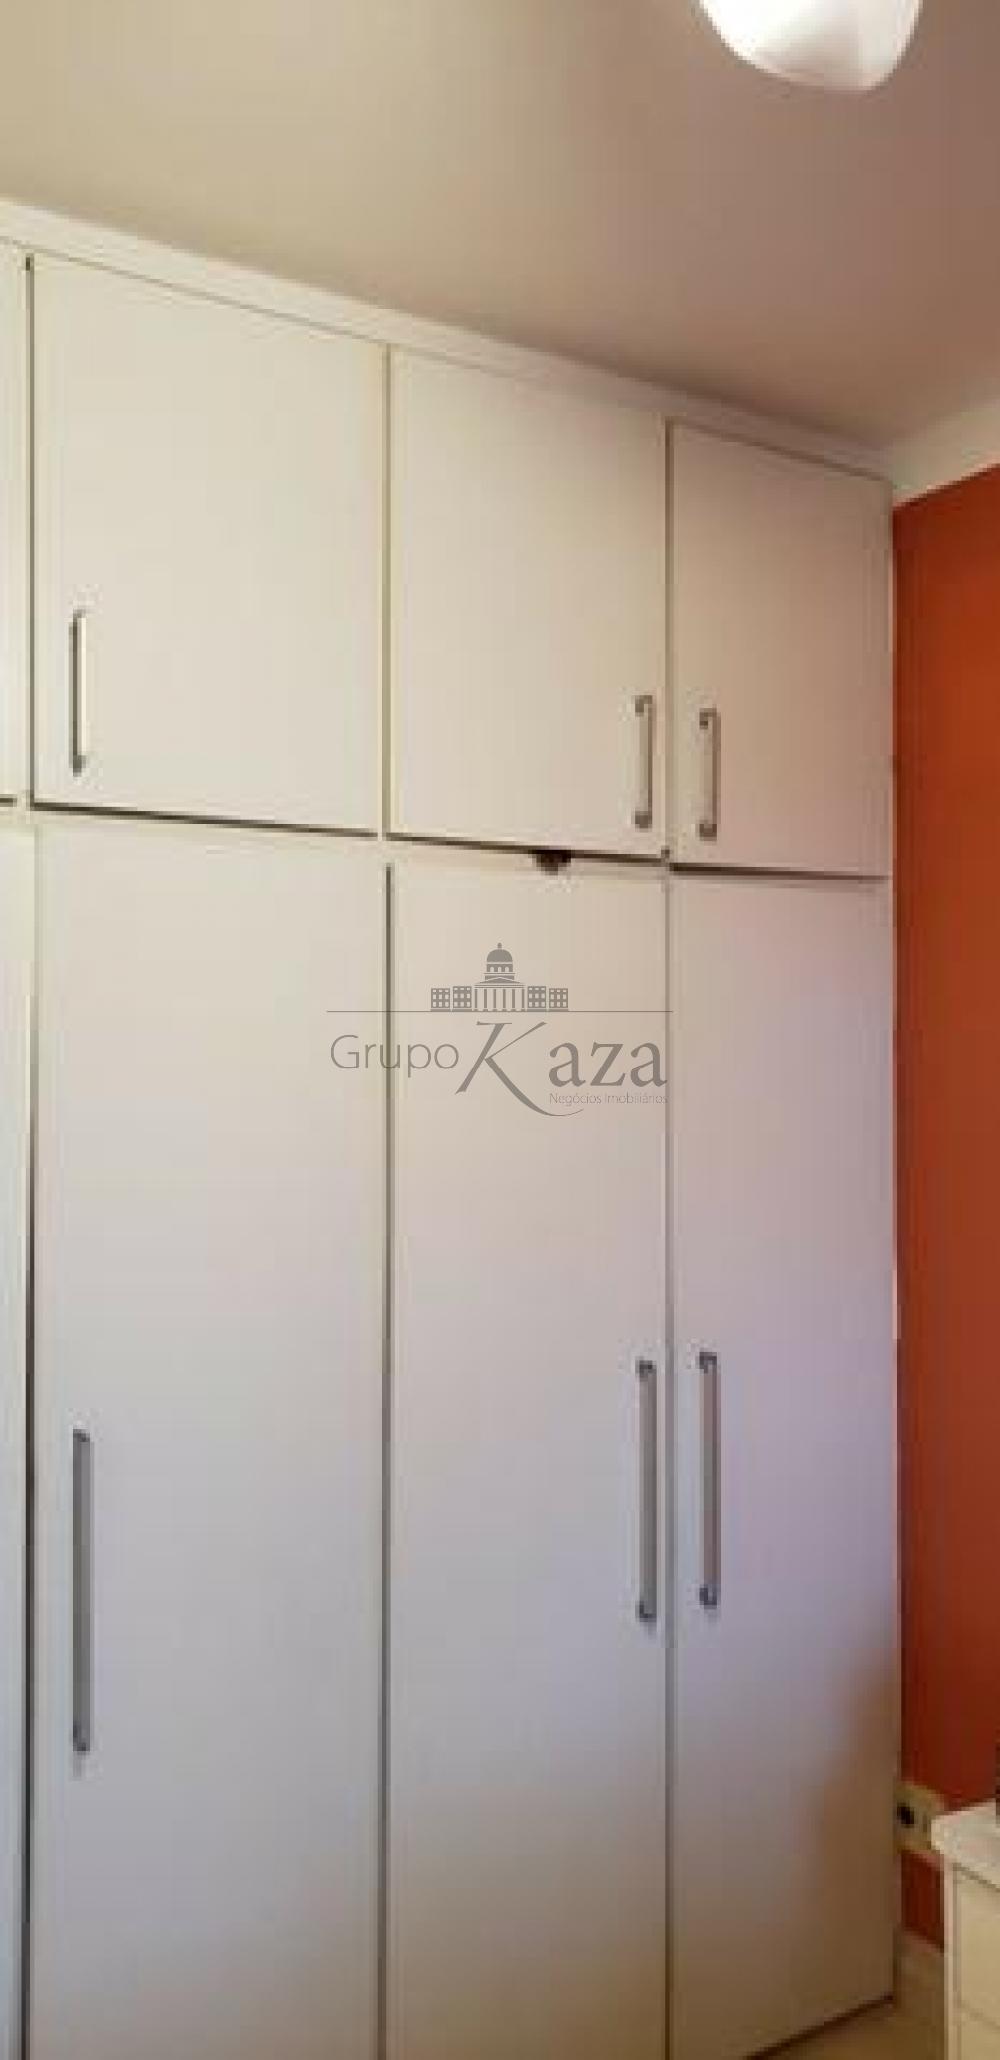 alt='Comprar Apartamento / Padrão em São José dos Campos R$ 530.000,00 - Foto 7' title='Comprar Apartamento / Padrão em São José dos Campos R$ 530.000,00 - Foto 7'